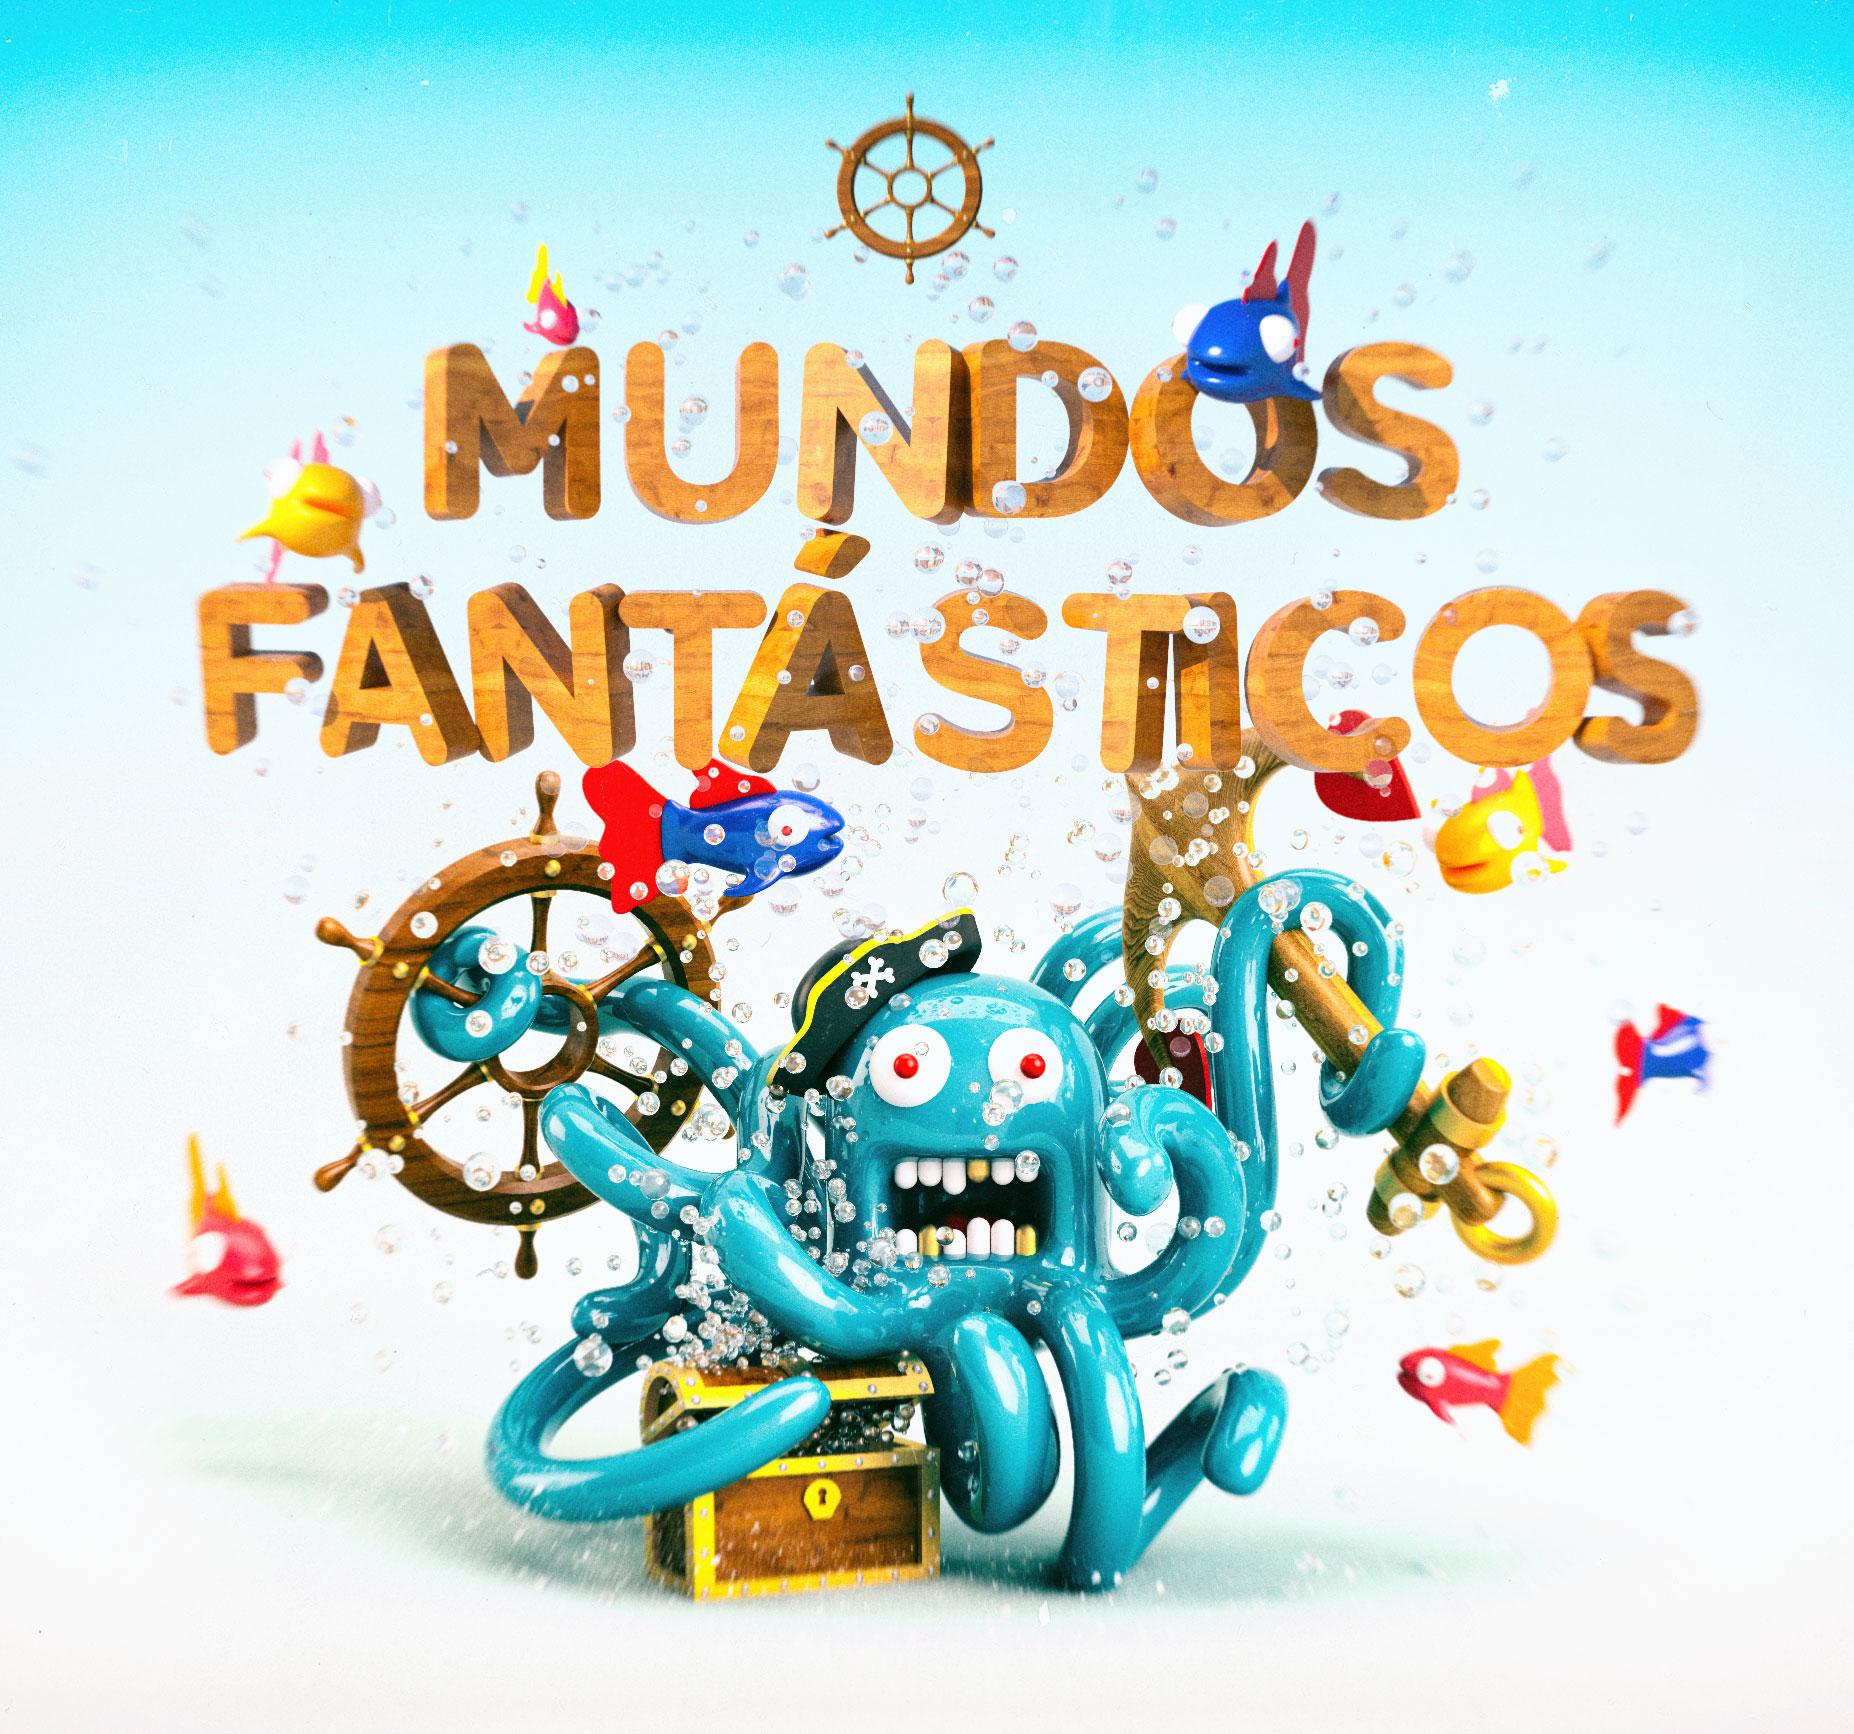 MundosFantasticos_MDC